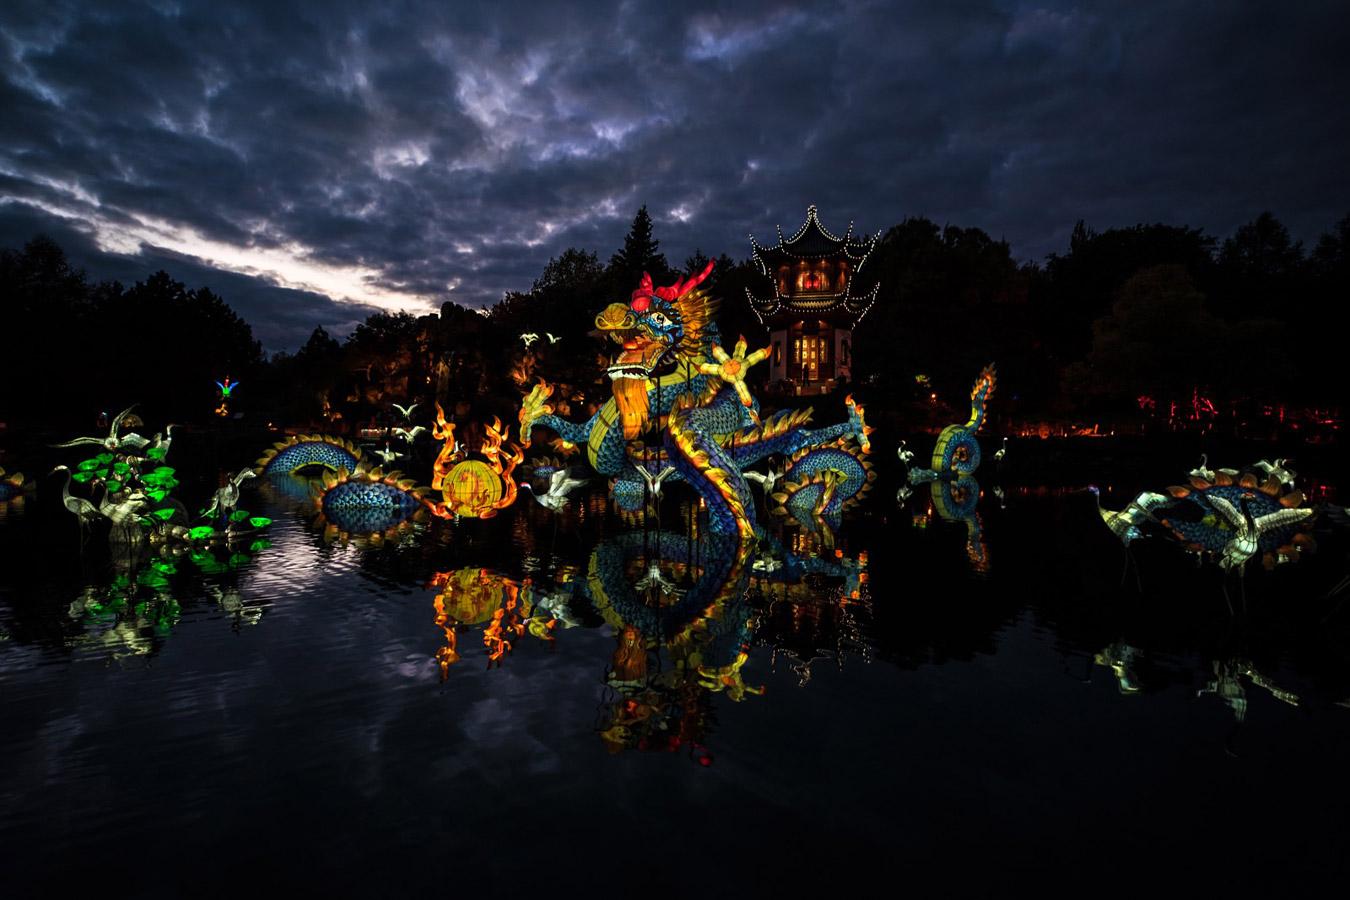 Угрожающие облака, © Вивиан / Vivian, Глобальный победитель, Фотоконкурс Metro Photo Challenge